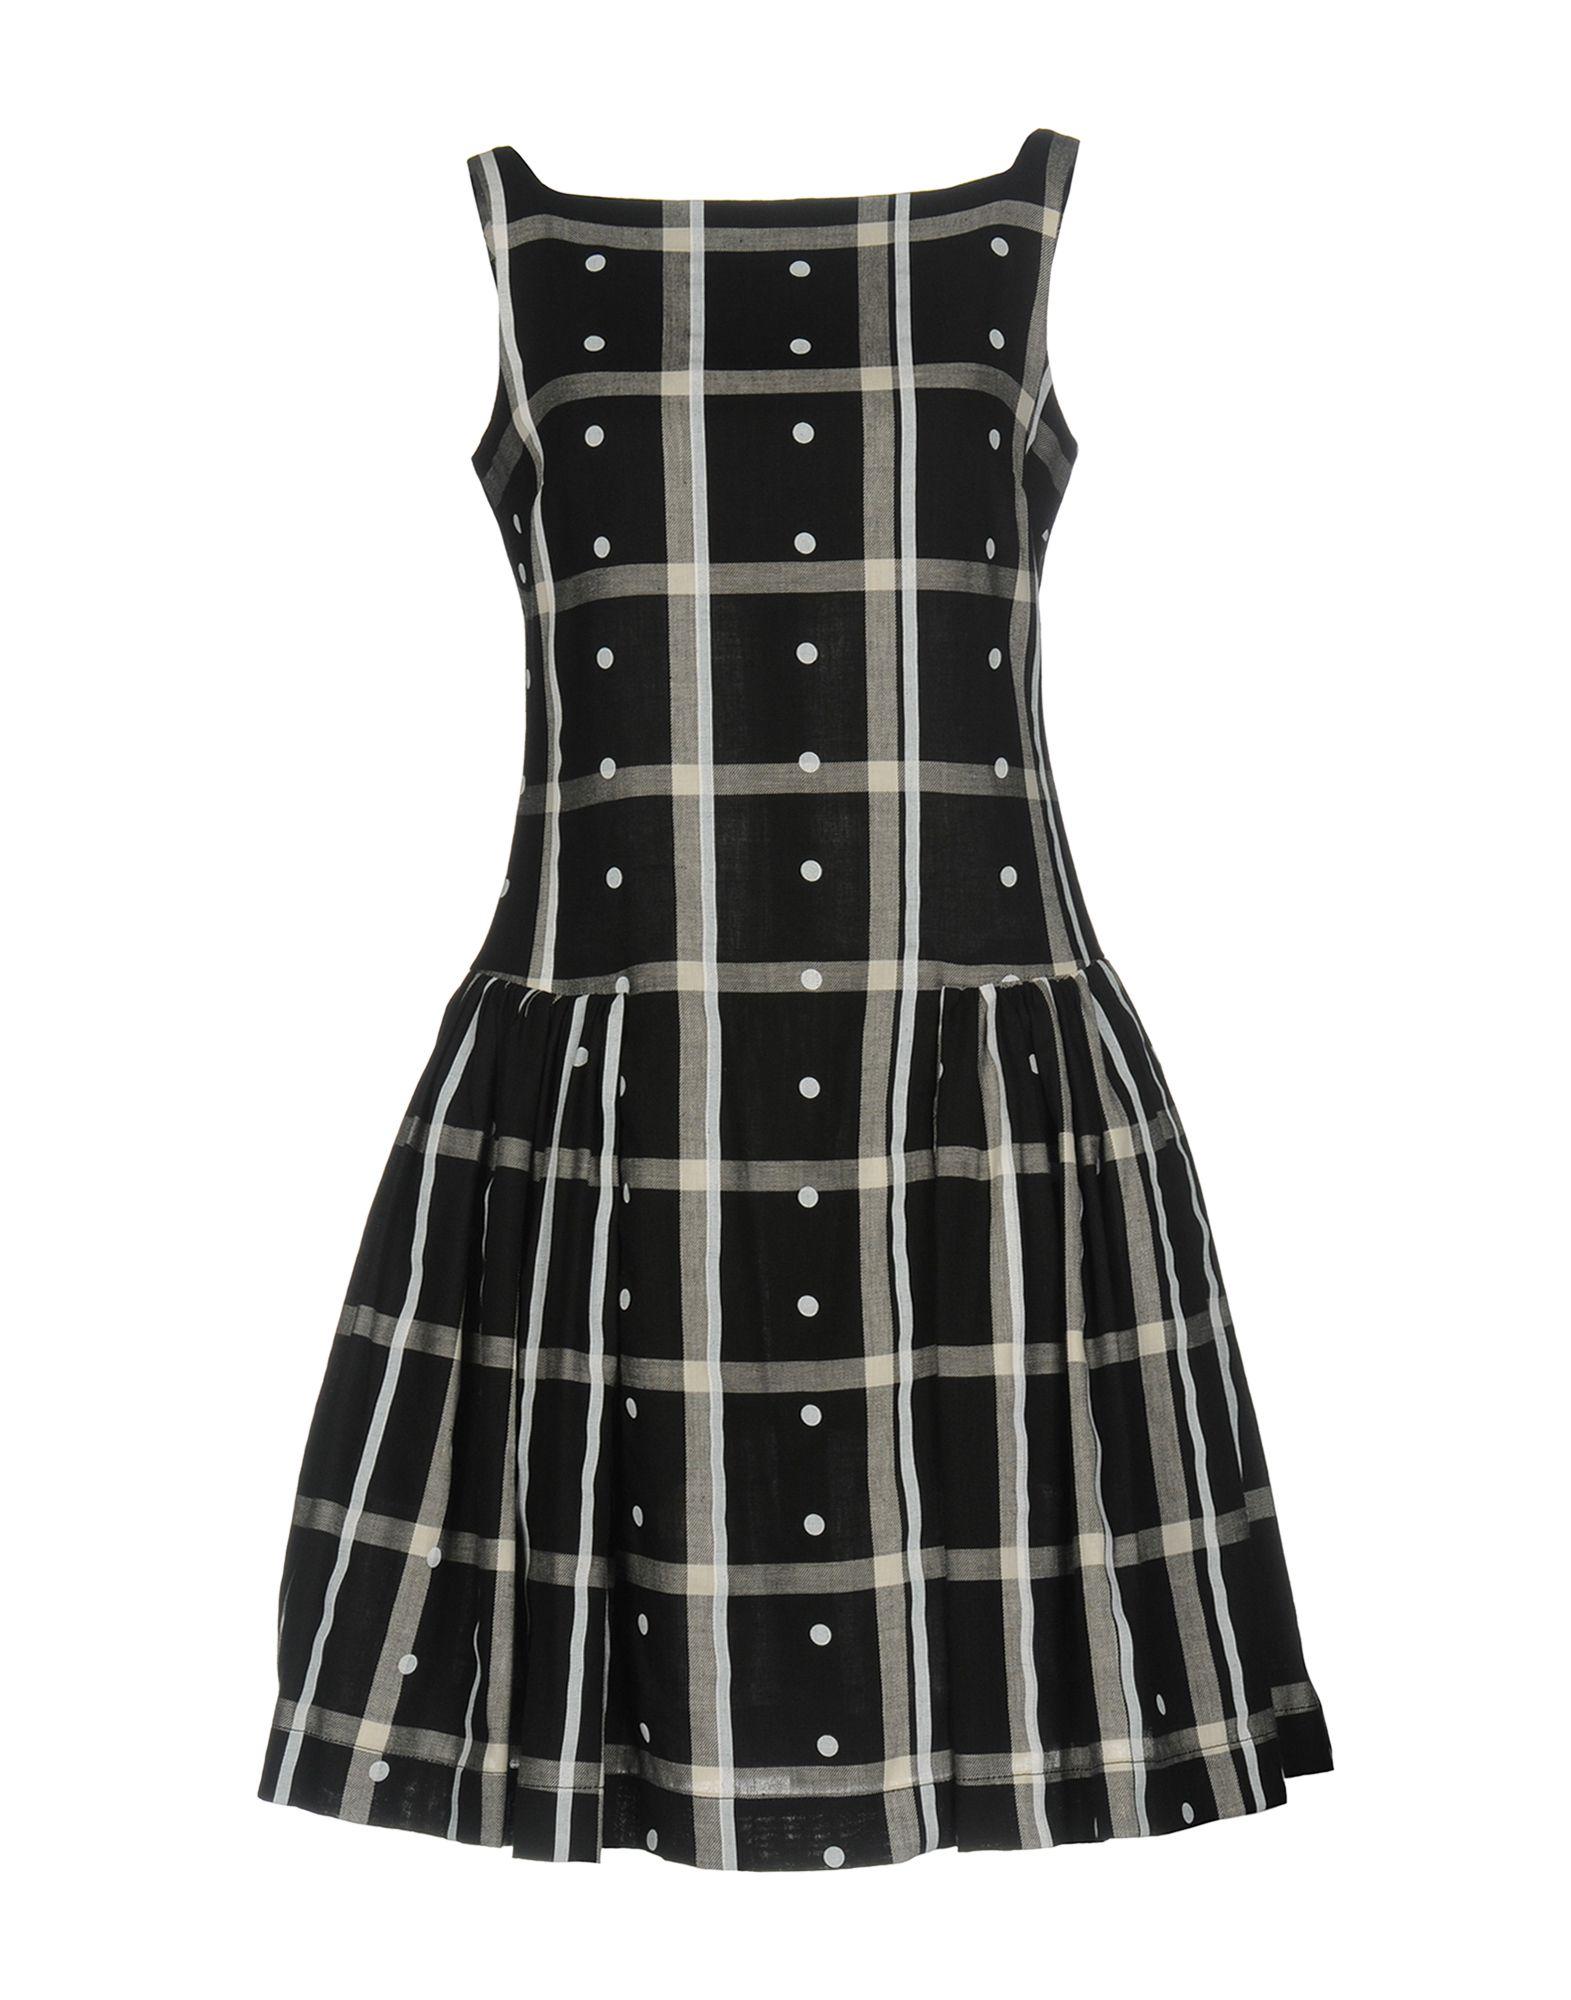 VIVIENNE WESTWOOD ANGLOMANIA Damen Kurzes Kleid Farbe Schwarz Größe 4 - broschei